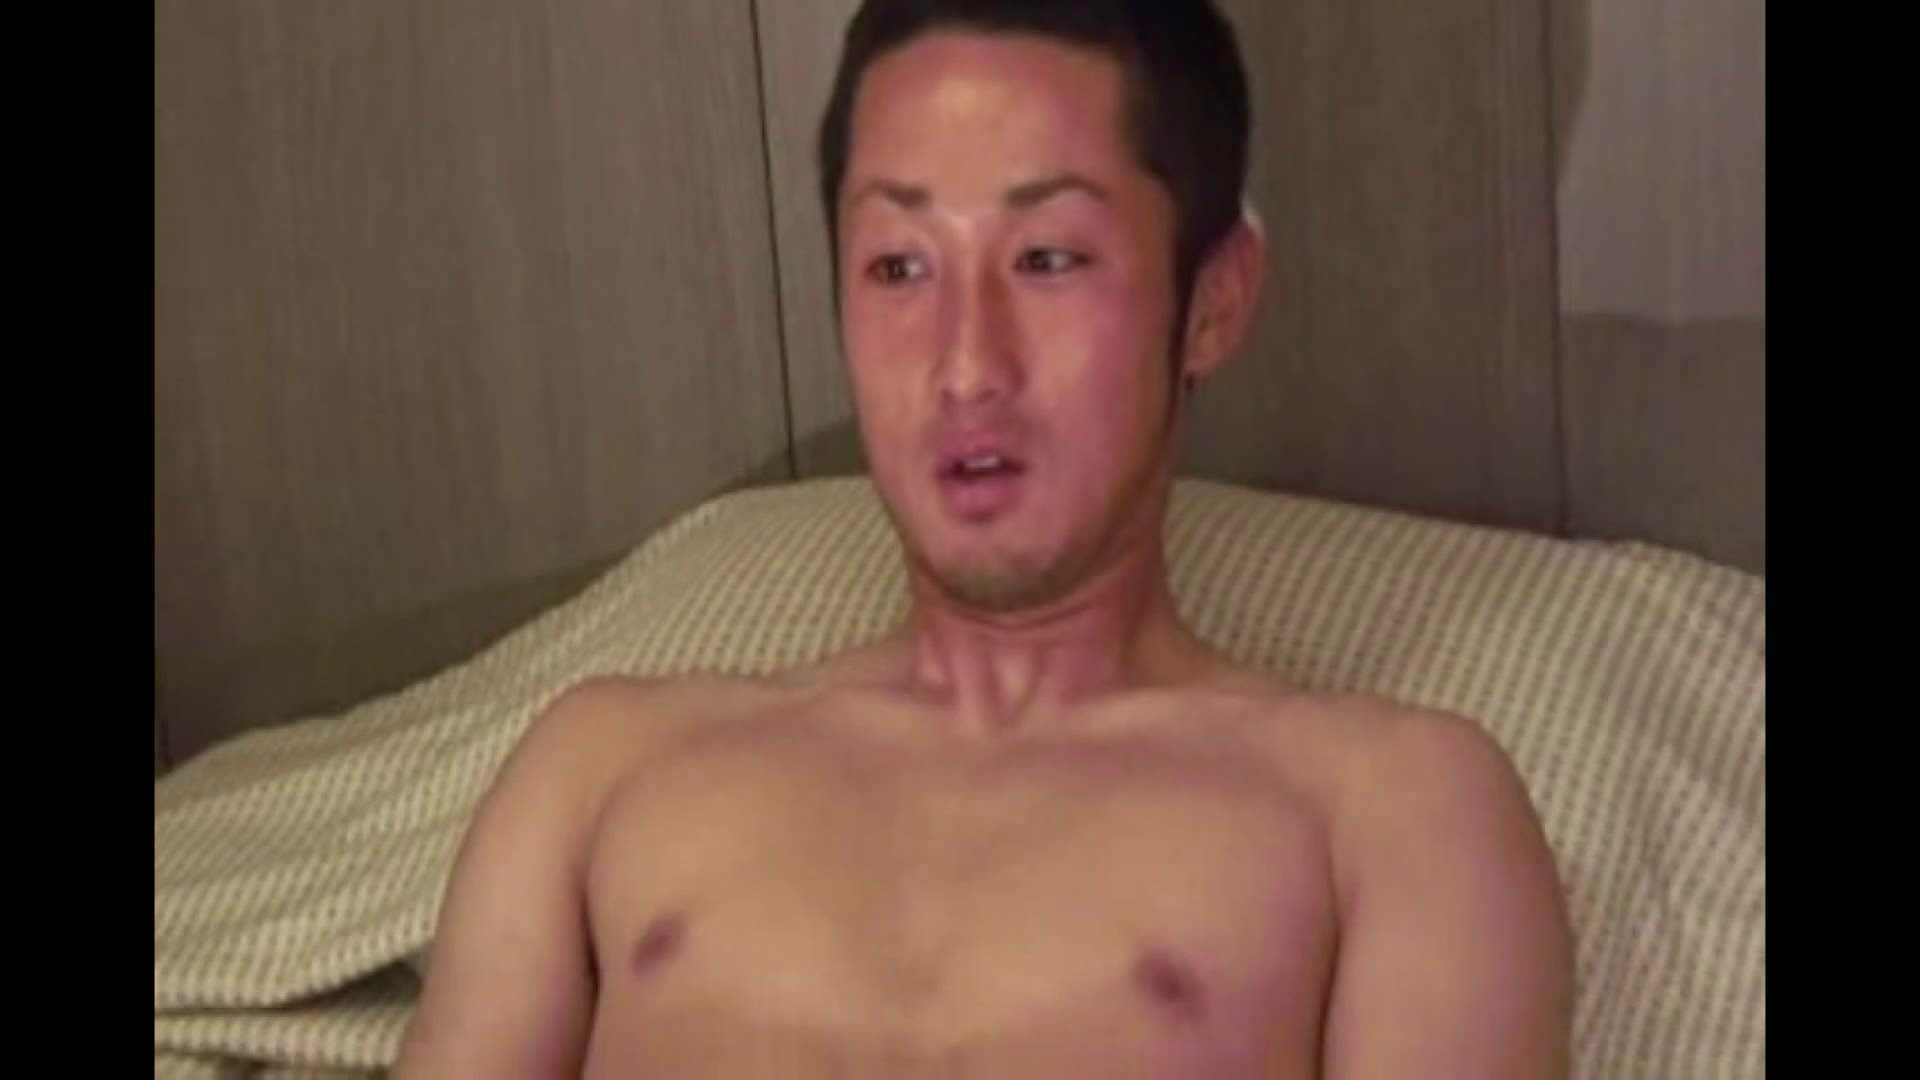 ノンケイケメンの欲望と肉棒 Vol.4 ノンケのオナニー ゲイ射精画像 110連発 38